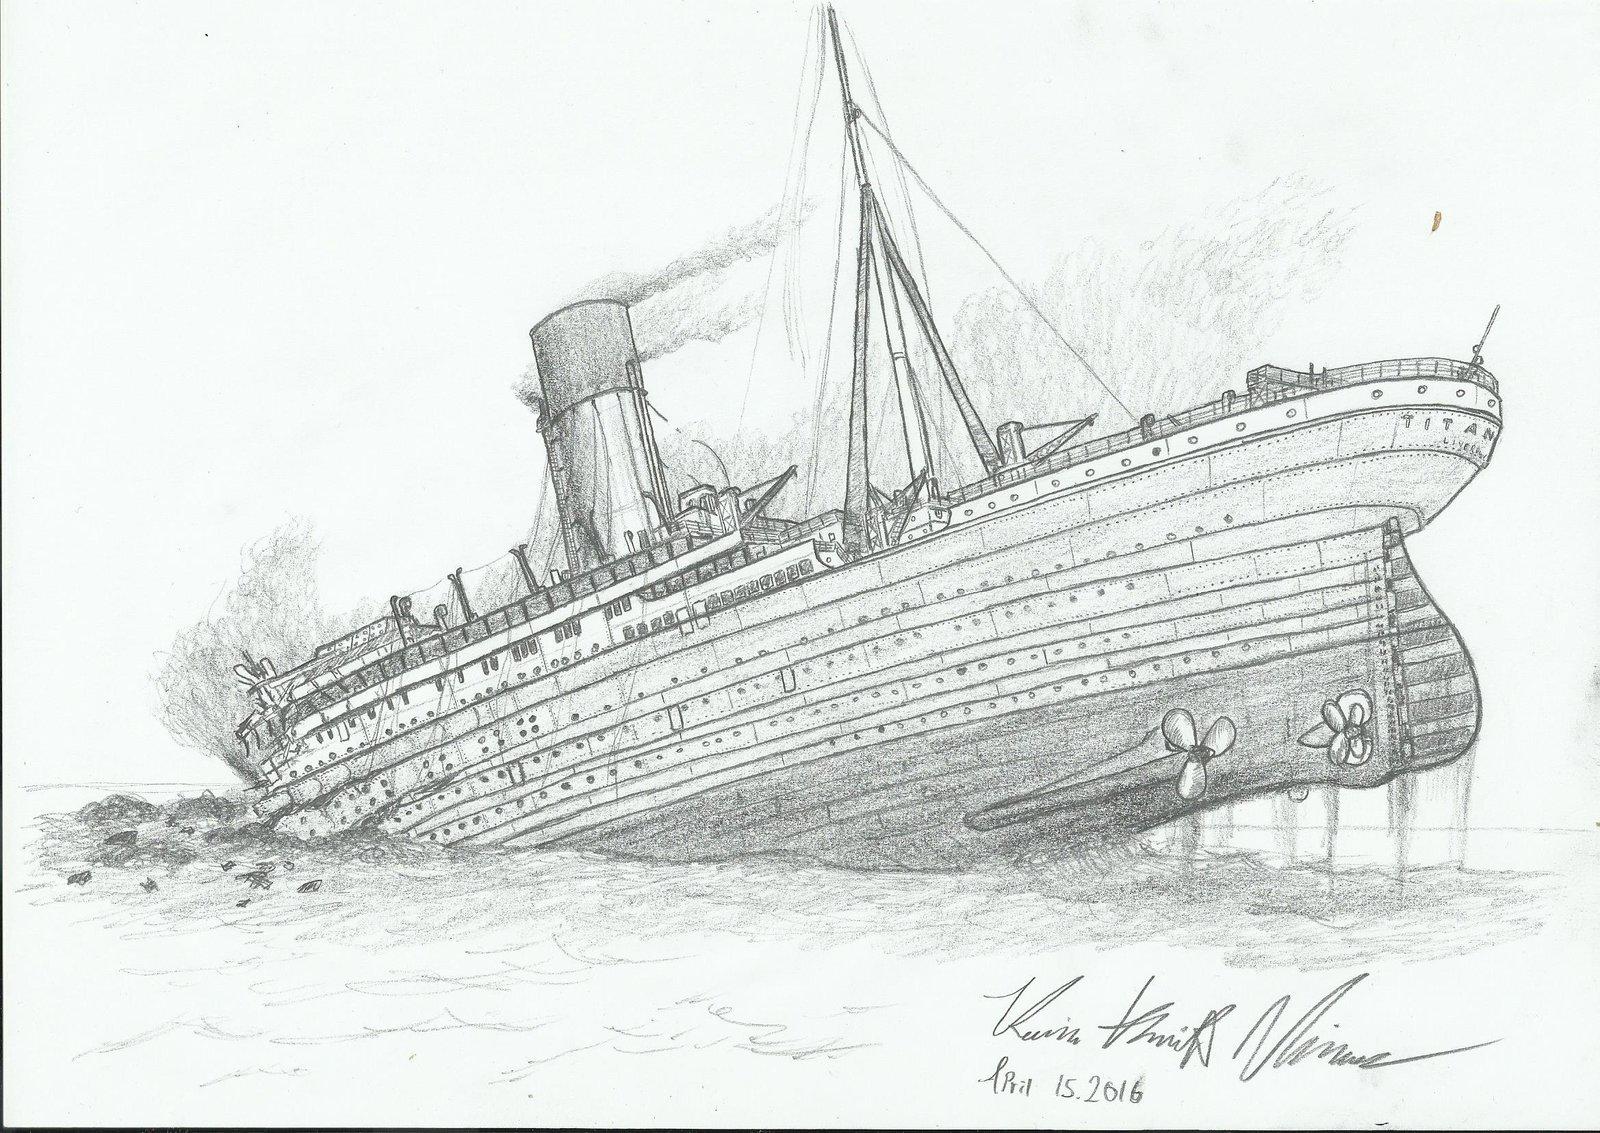 Titanic clipart shipwreck Can clipart Photo Shipwreck Stock